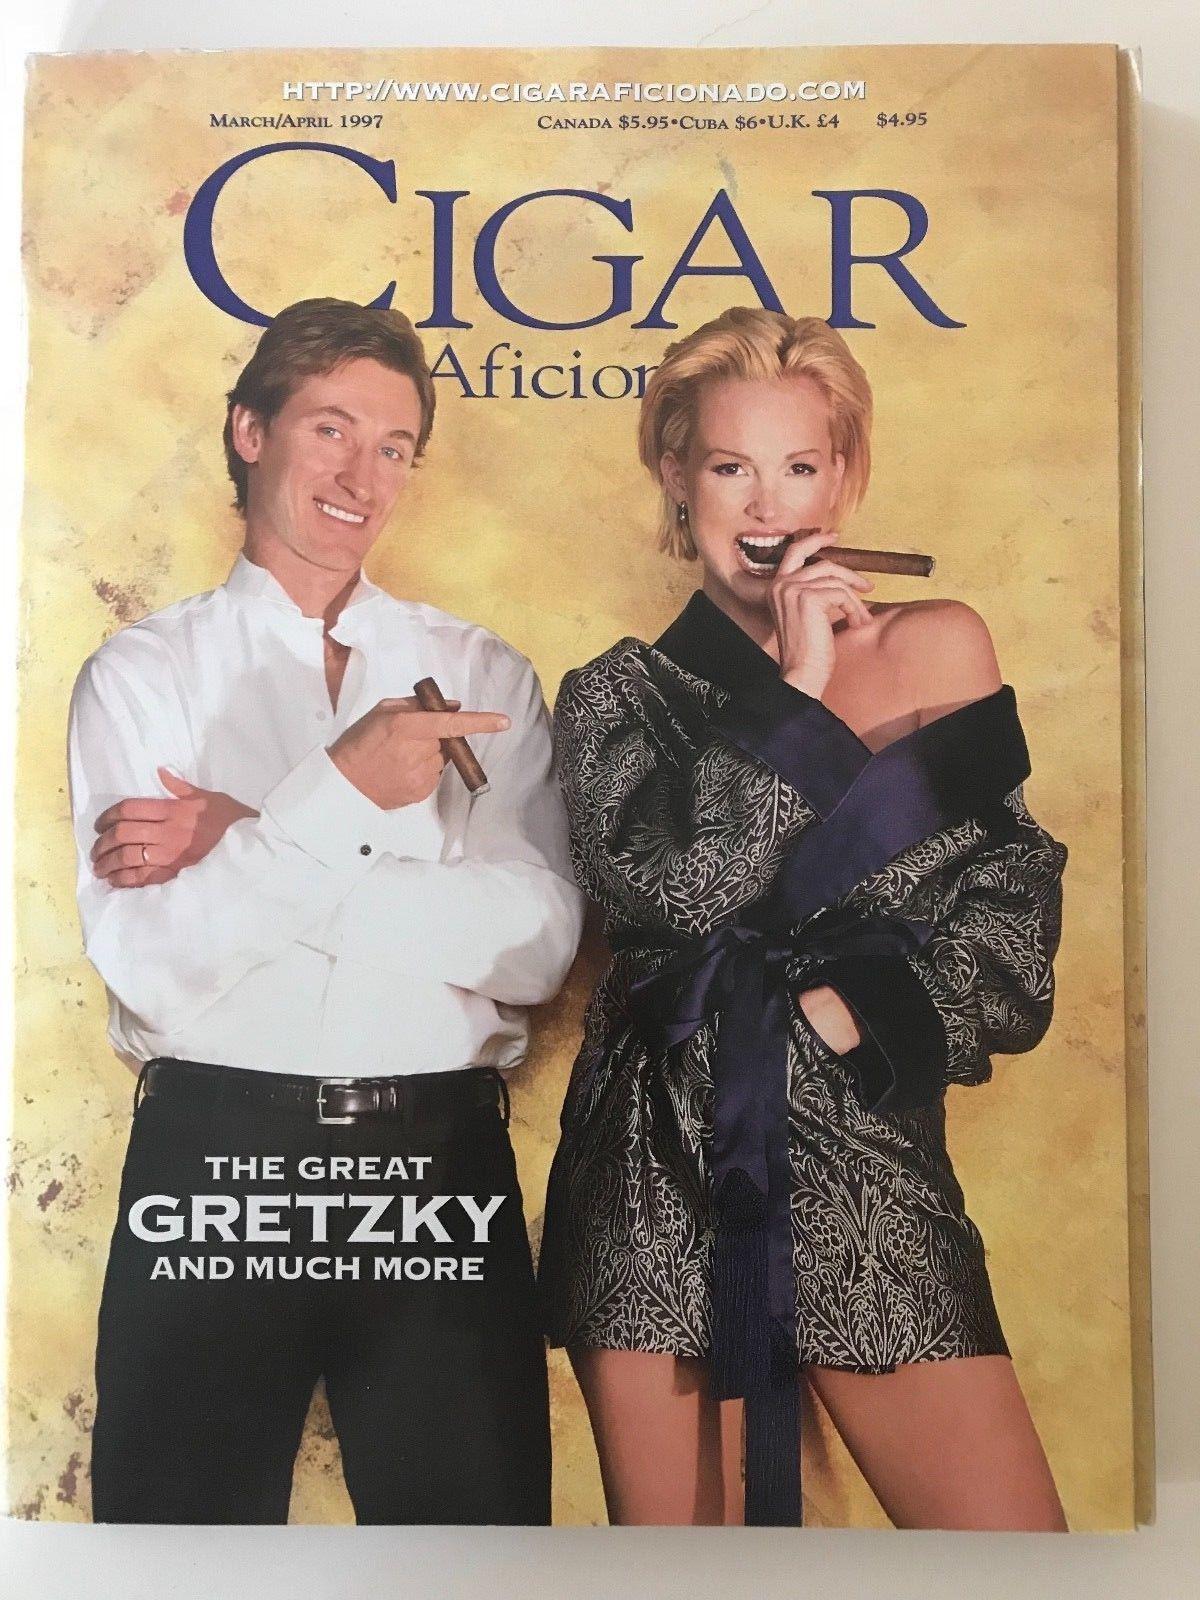 march-april-1997-cigar-aficionado-wayne-gretzky.jpg